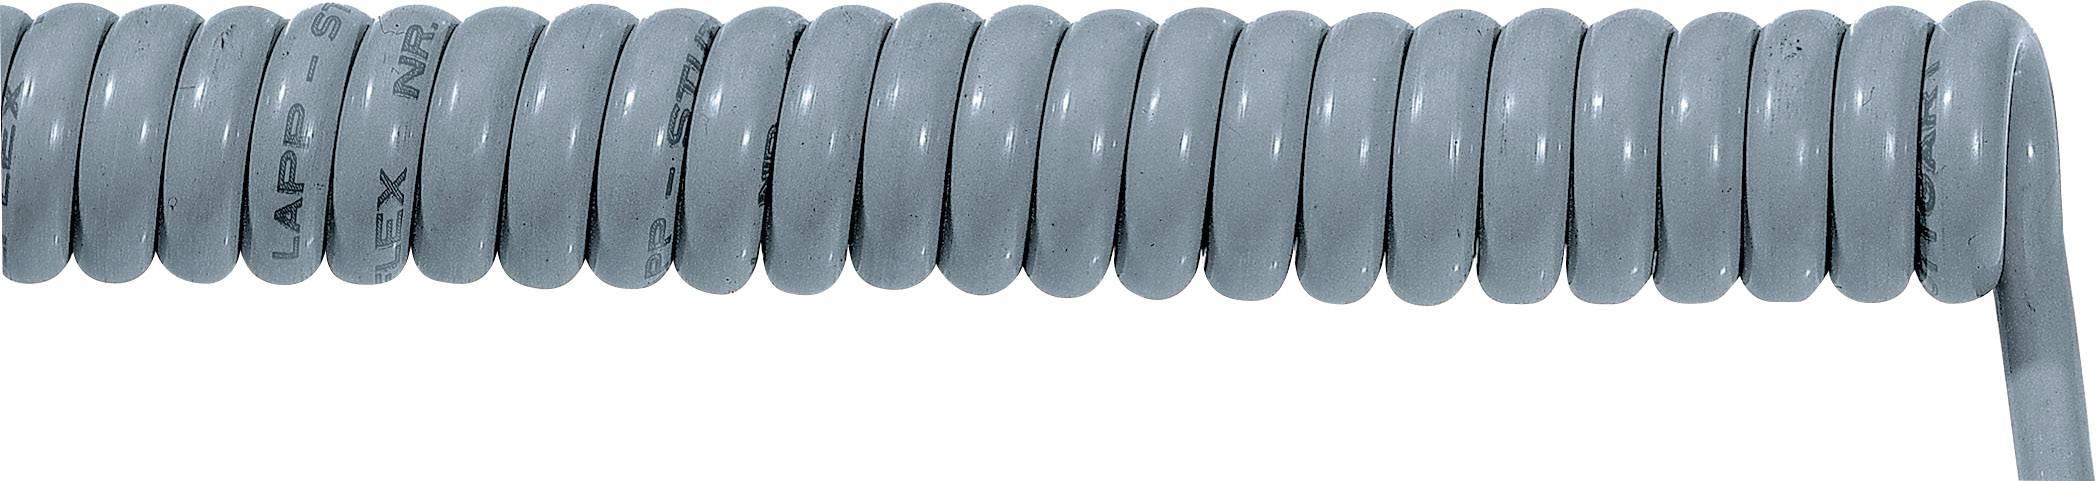 Špirálový kábel 70002657 ÖLFLEX® SPIRAL 400 P 4 x 1 mm², 1000 mm / 3000 mm, sivá